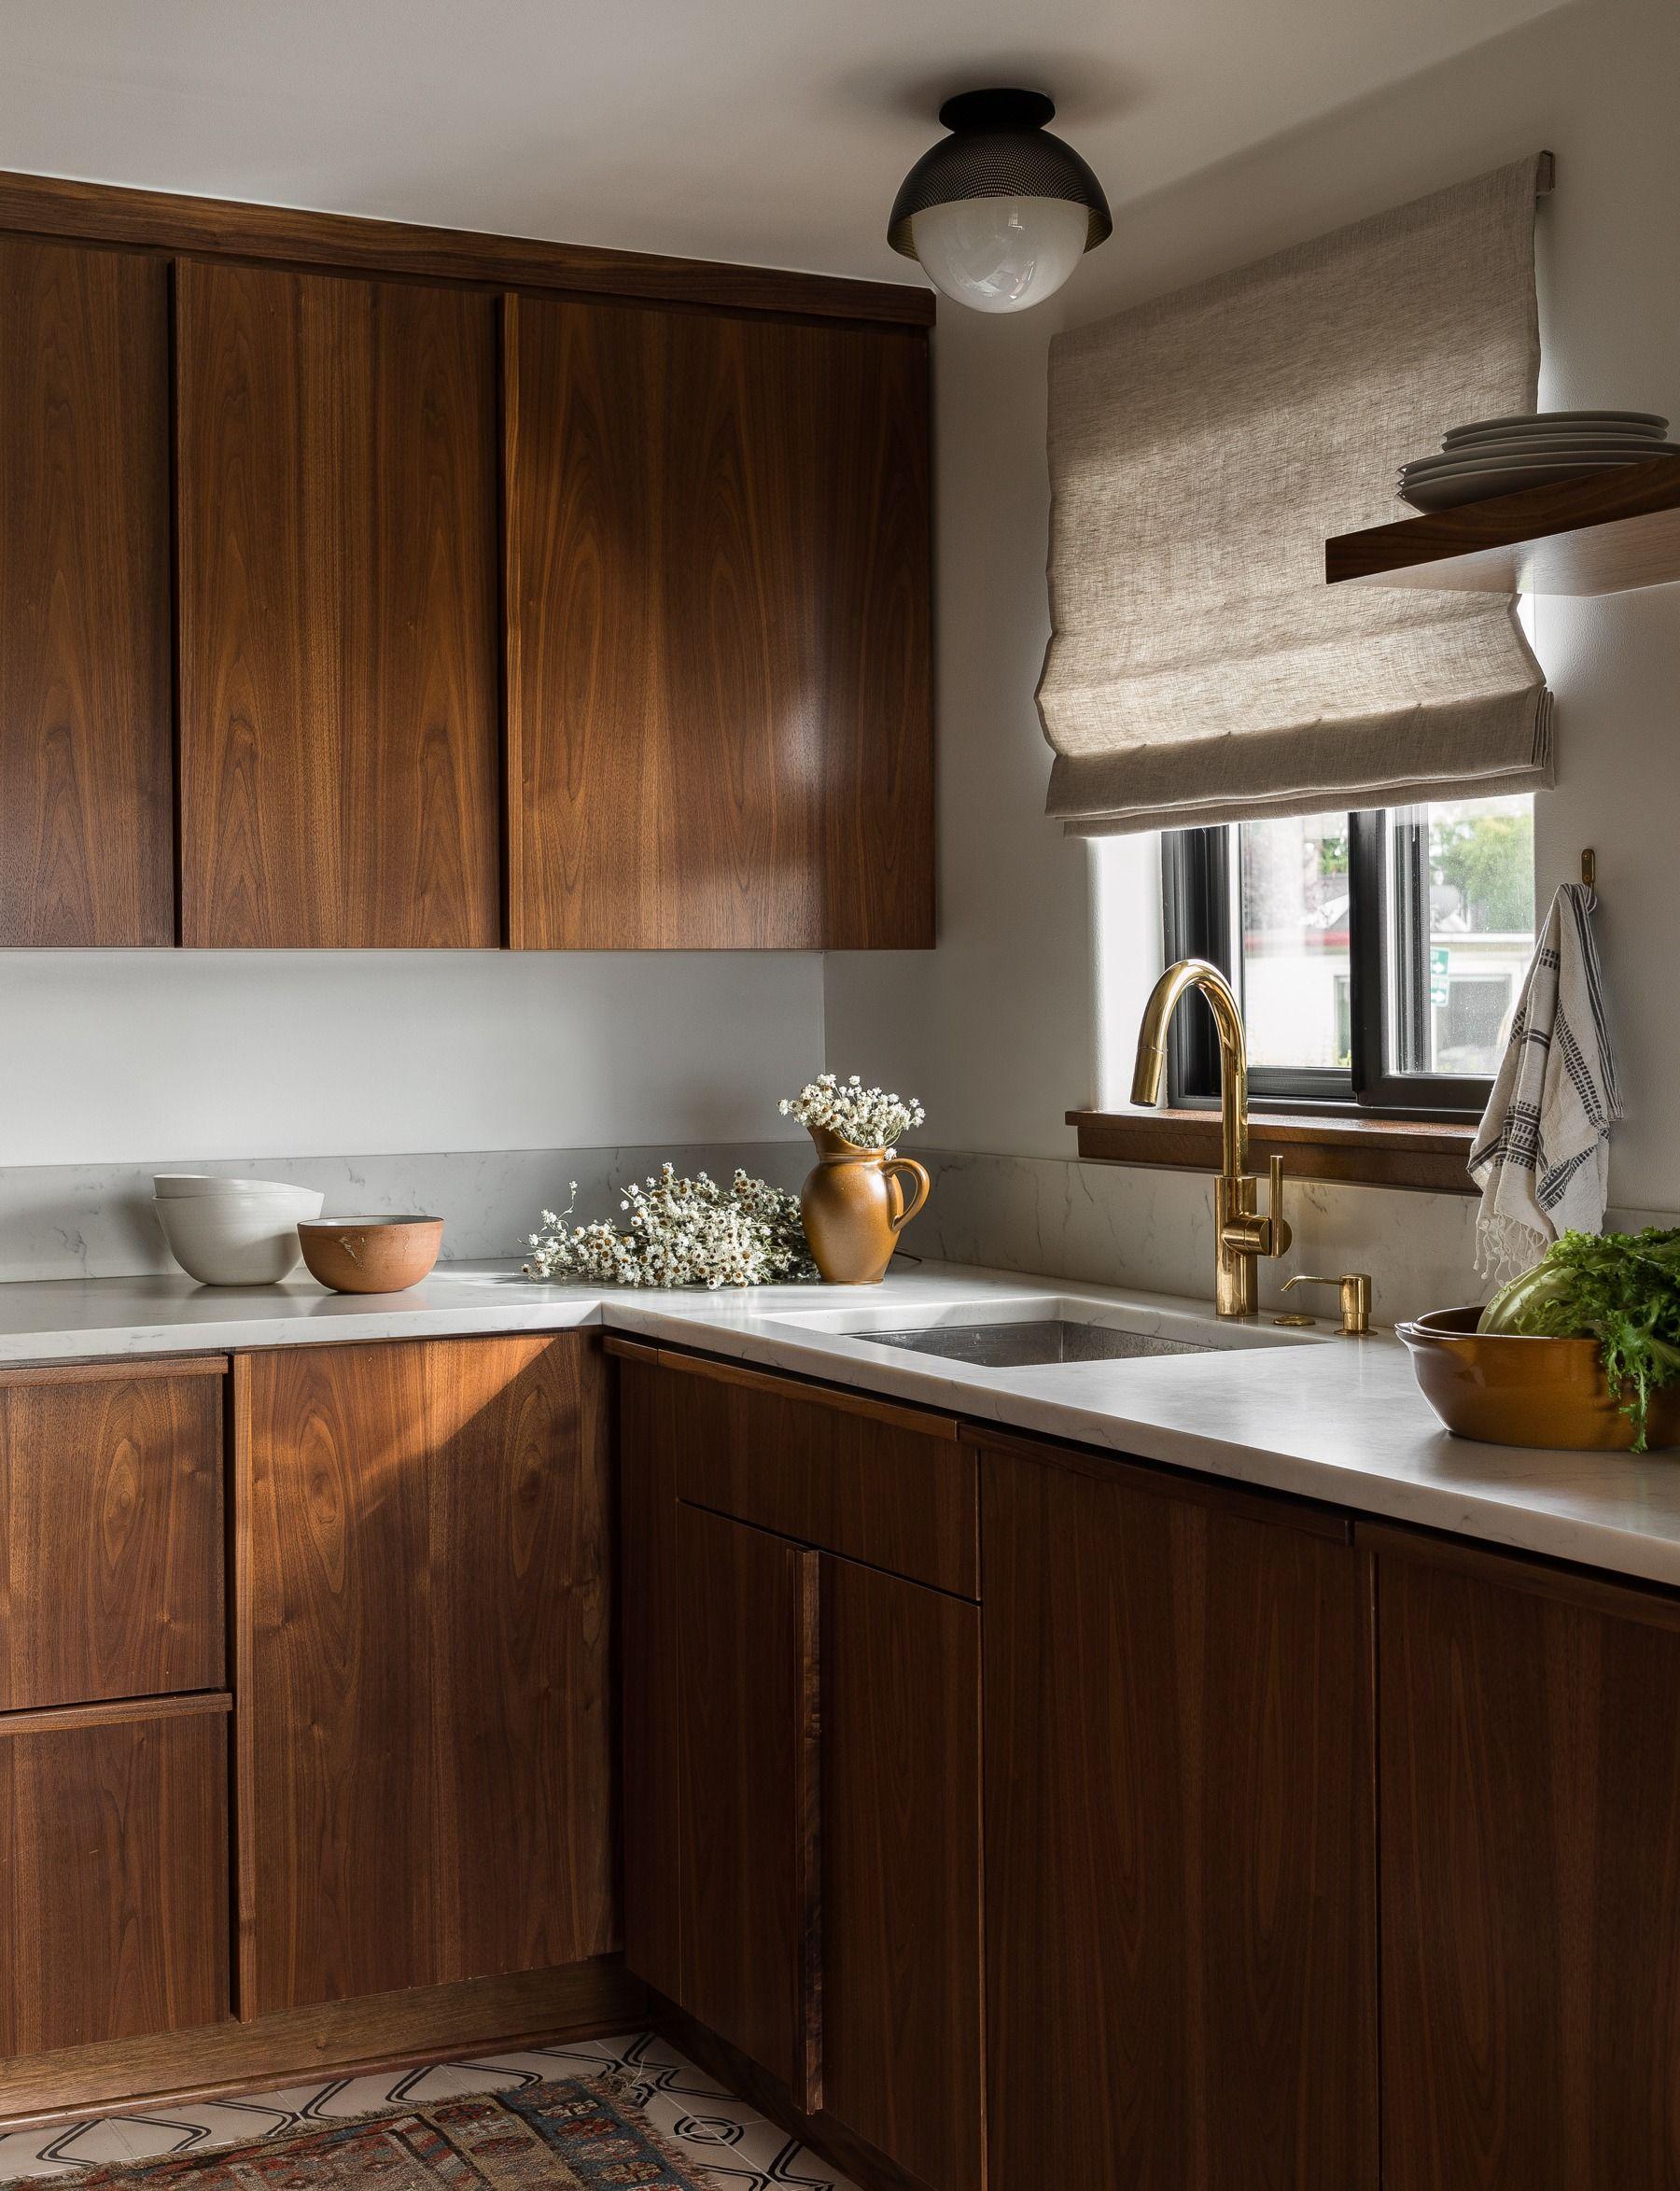 Seattle Interior Designer Heidi Caillier Design Kitchen Backsplash Designs Home Decor Kitchen Kitchen Cabinet Design